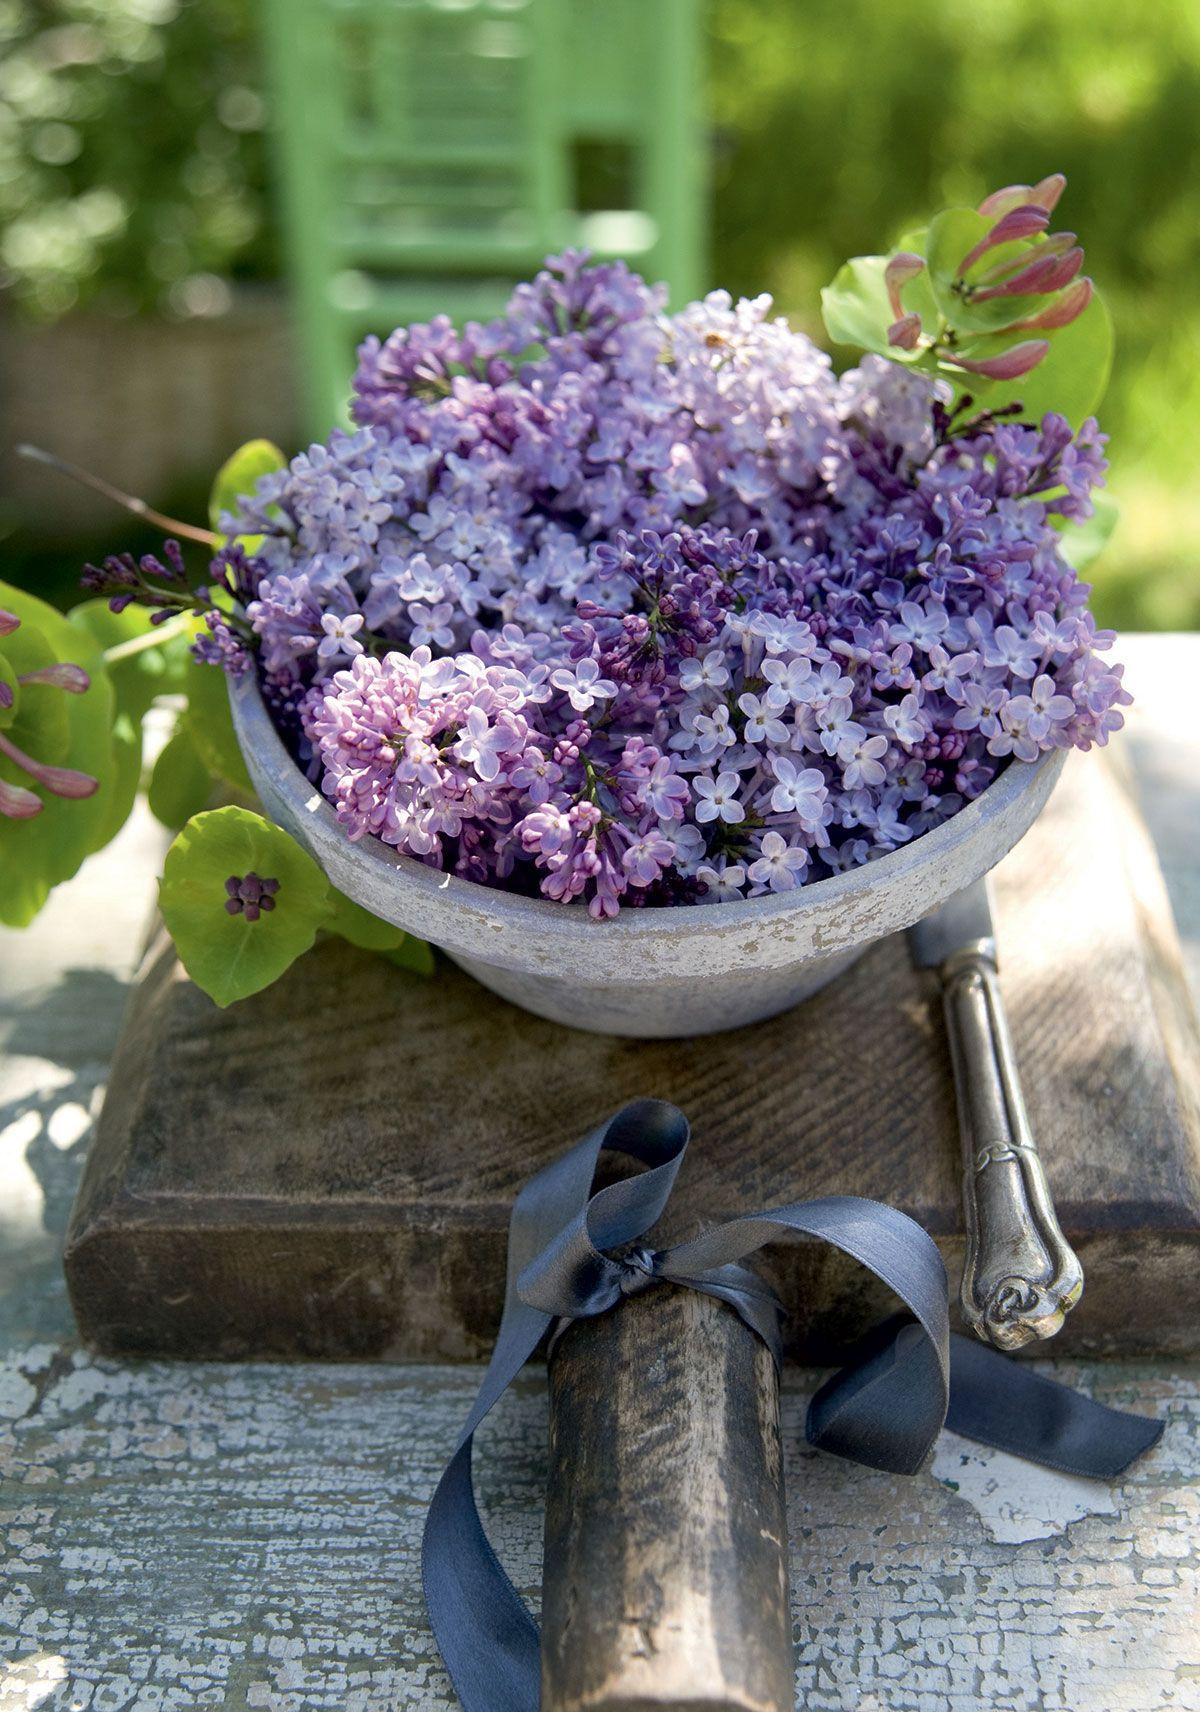 Kaada kylmää vettä syvään kulhoon. Leikkaa syreenien varret sopivan mittaisiksi. Nypi lehdet varsien alaosasta. Kerää syreenit tiheäksi kimpuksi, aseta ne kulhoon ja lisää kuusaman oksa. Vadin alla on kaunis puualusta, johon kiedottu silkkinauha korostaa kukkakimppua.